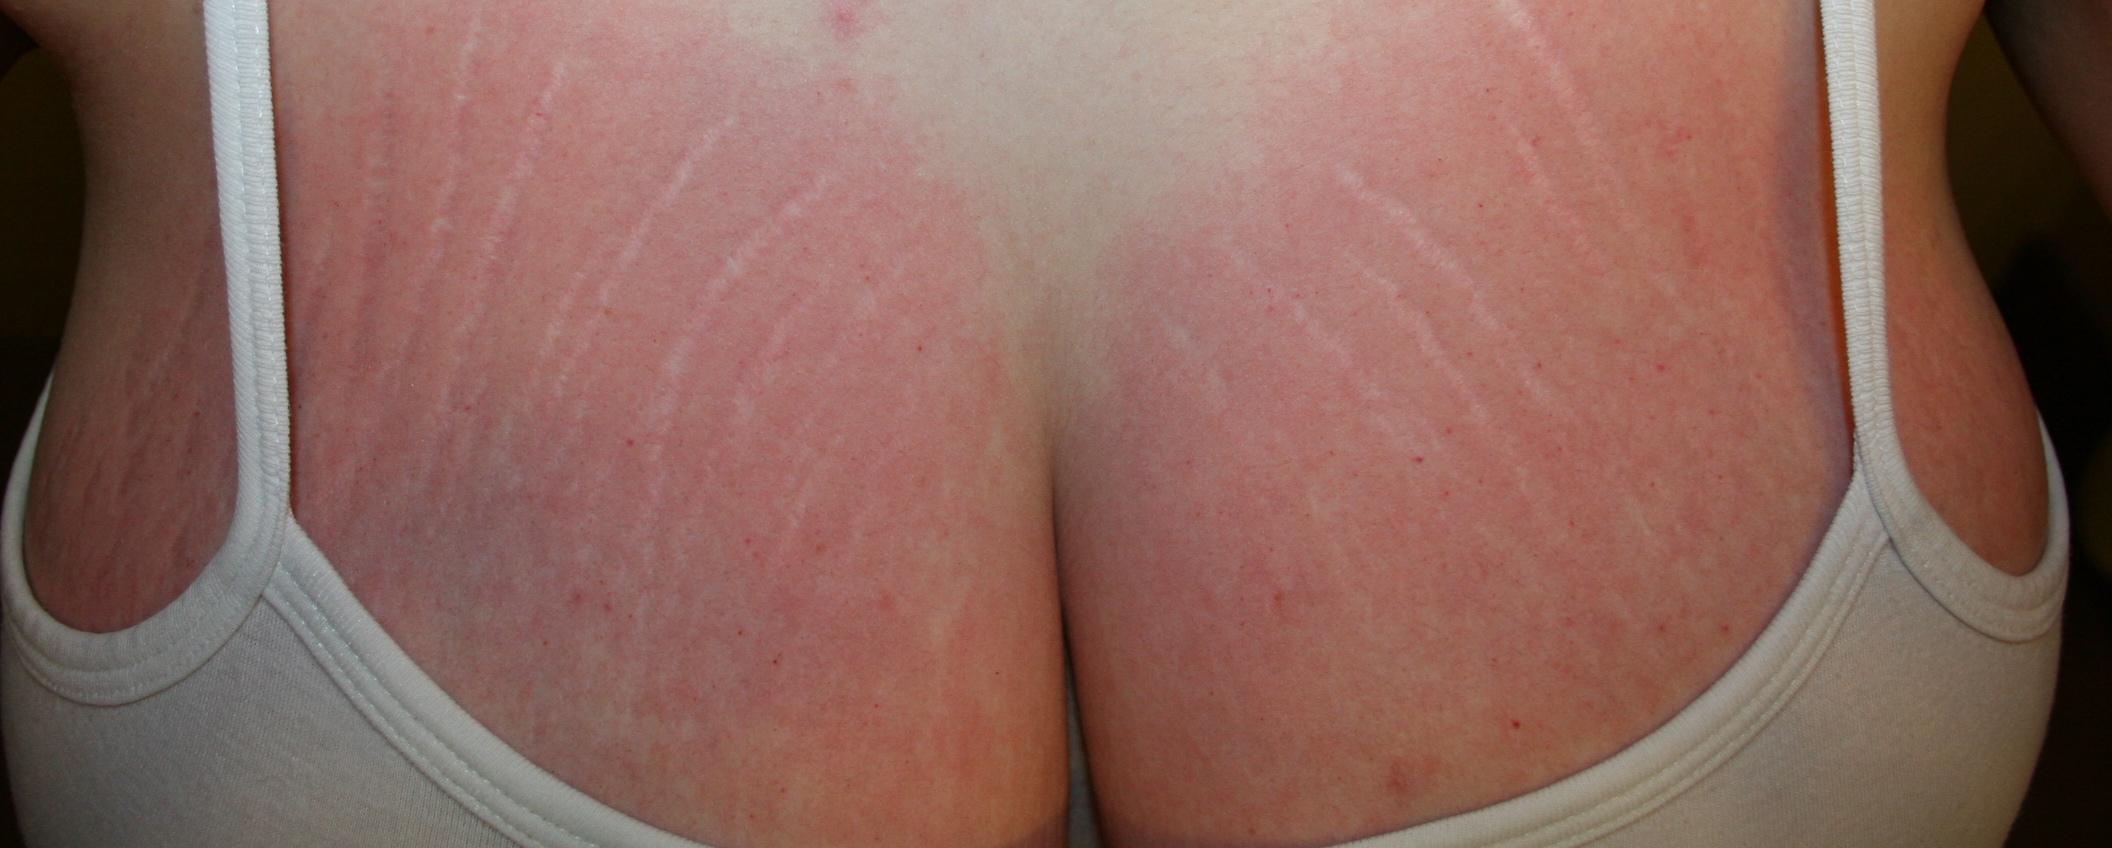 film erotice massaggiatrici erotici